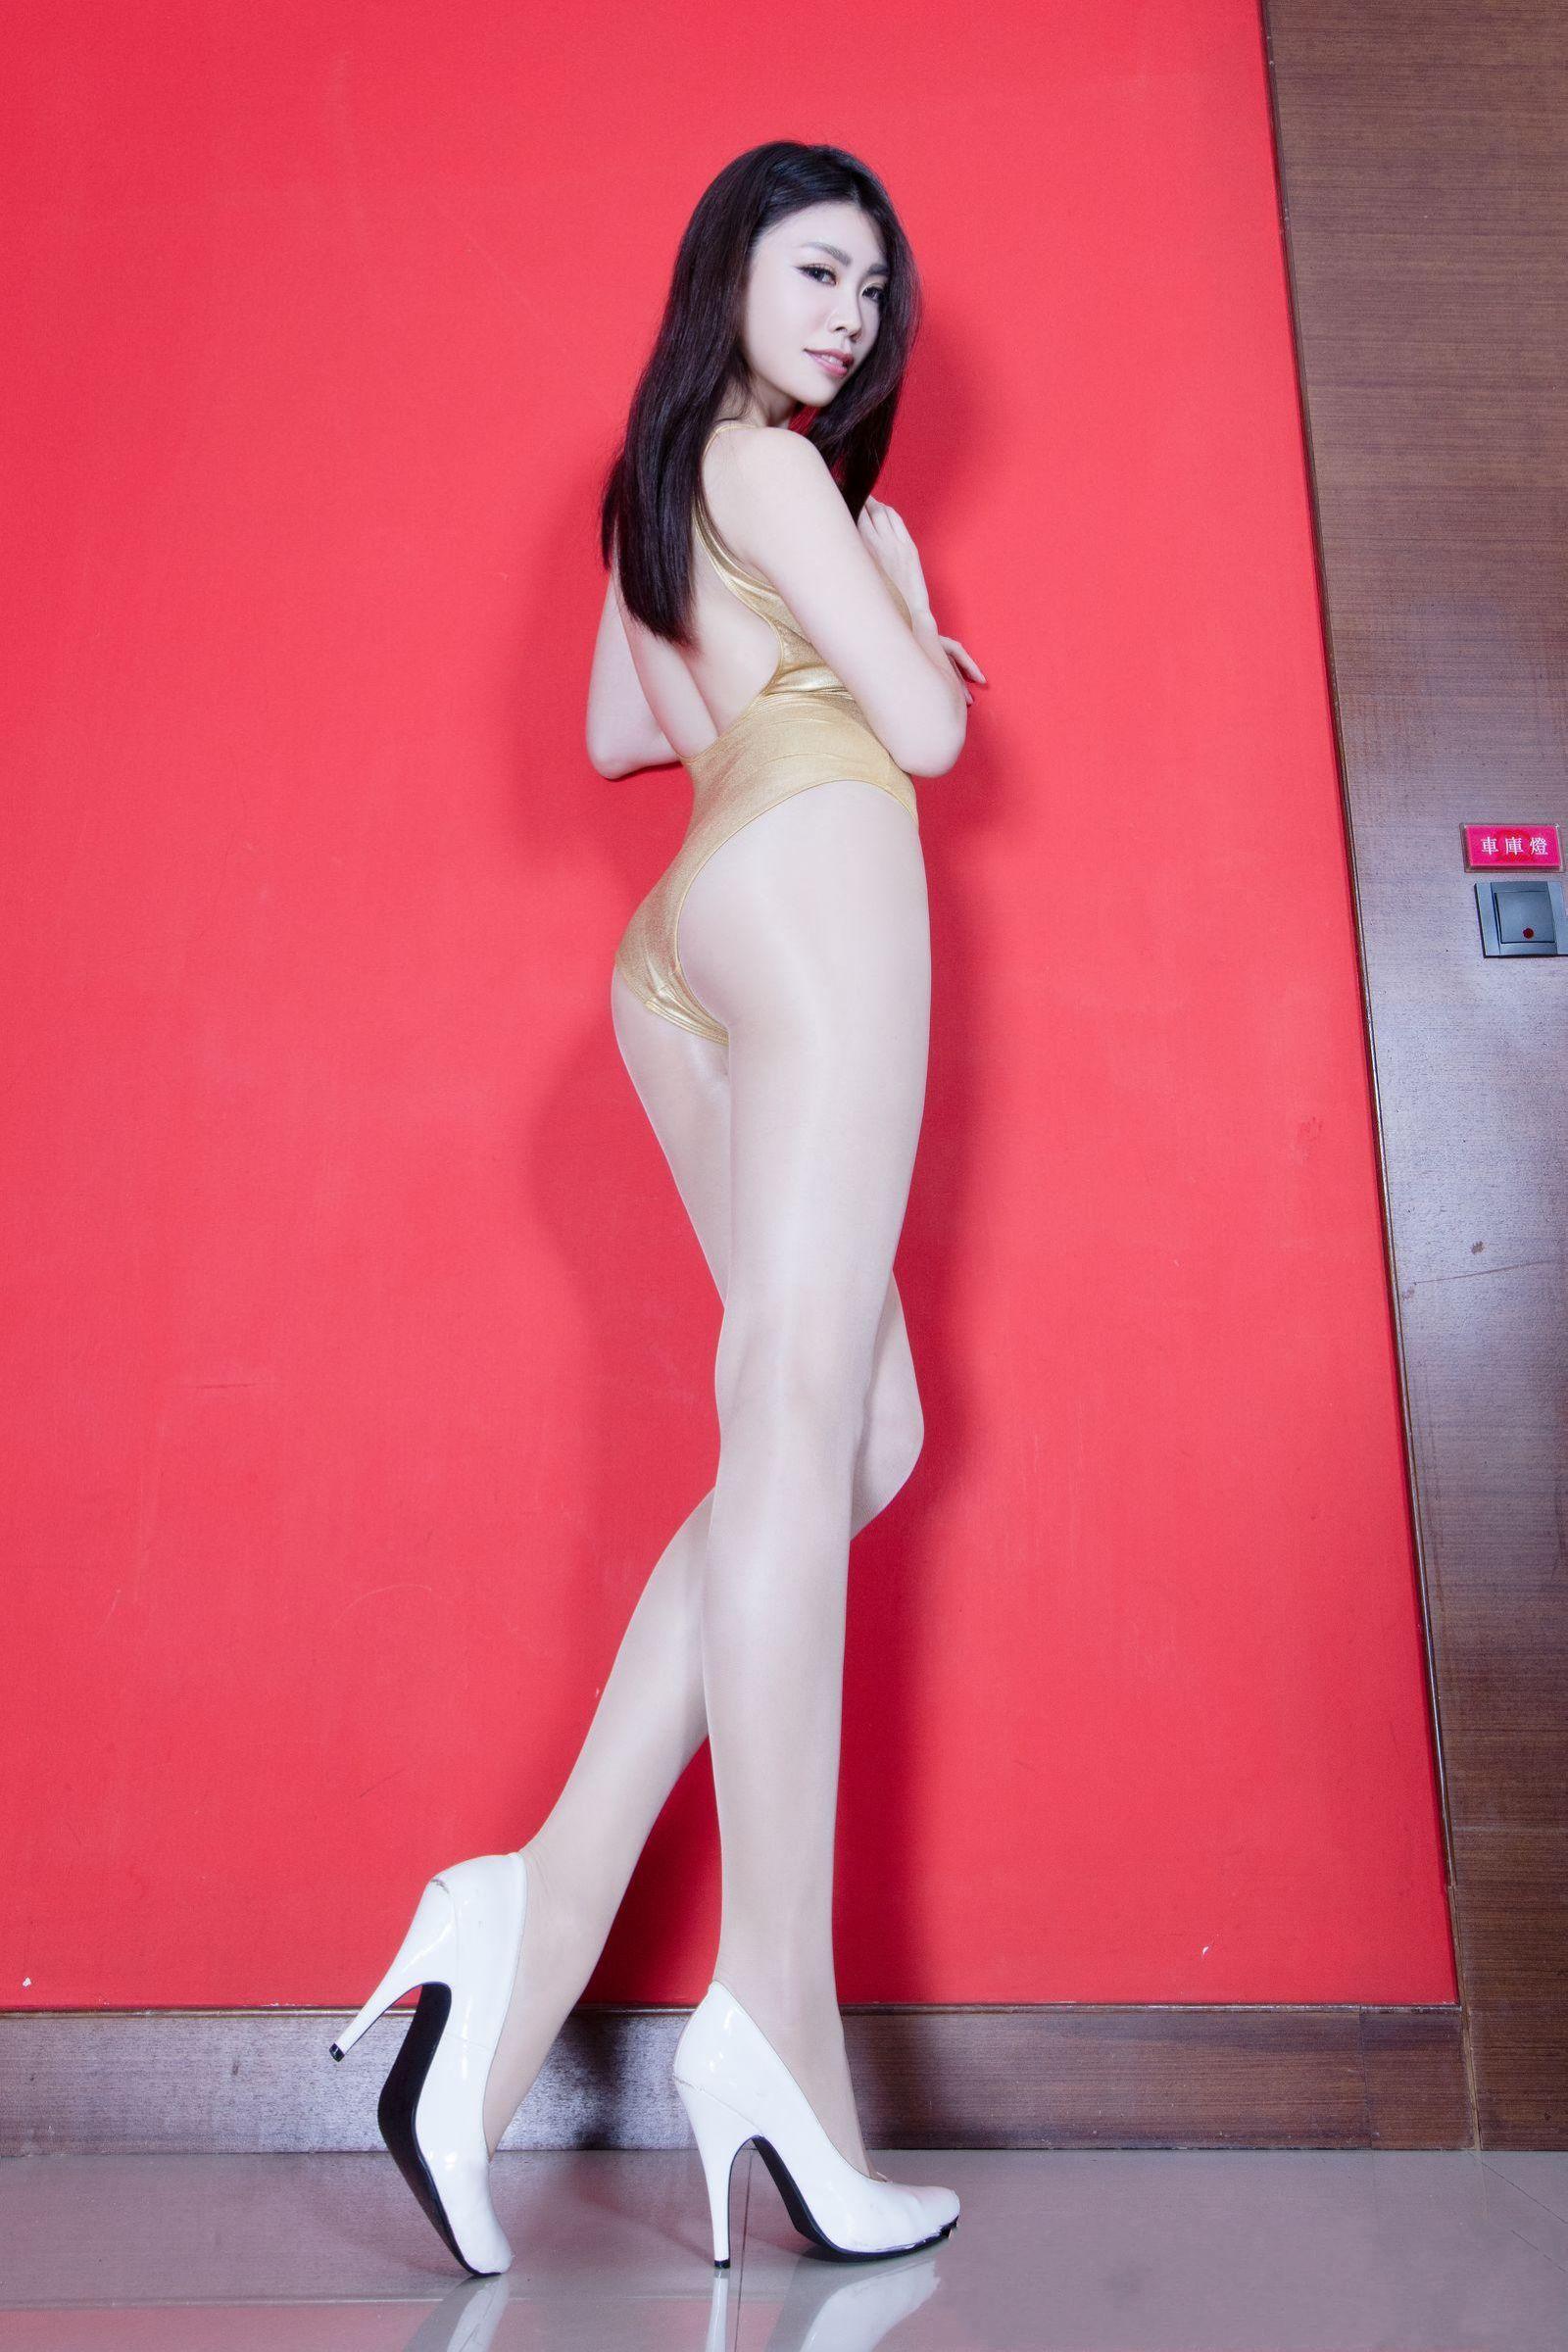 北彩美女美腿秀-Zoey[35P]LZxEA